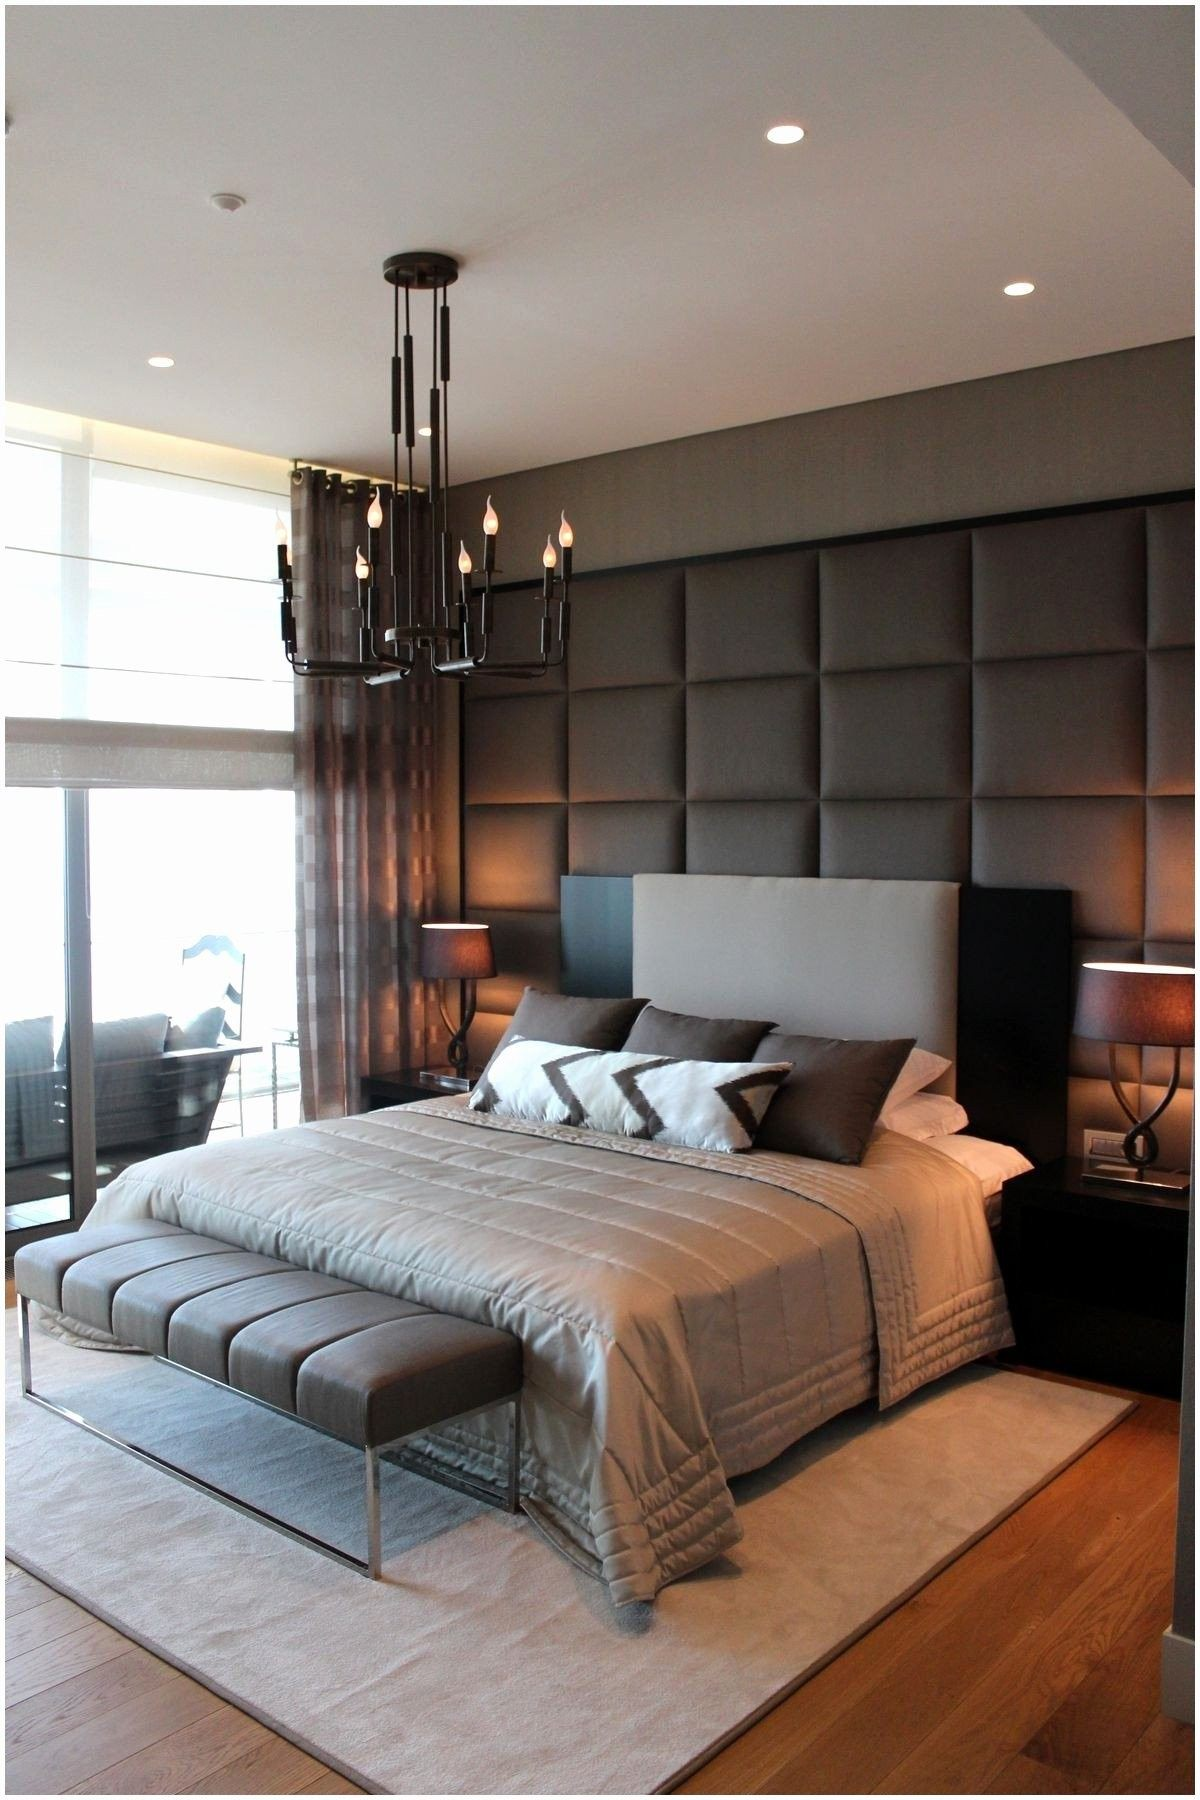 d coration murale chambre adultes design en image. Black Bedroom Furniture Sets. Home Design Ideas